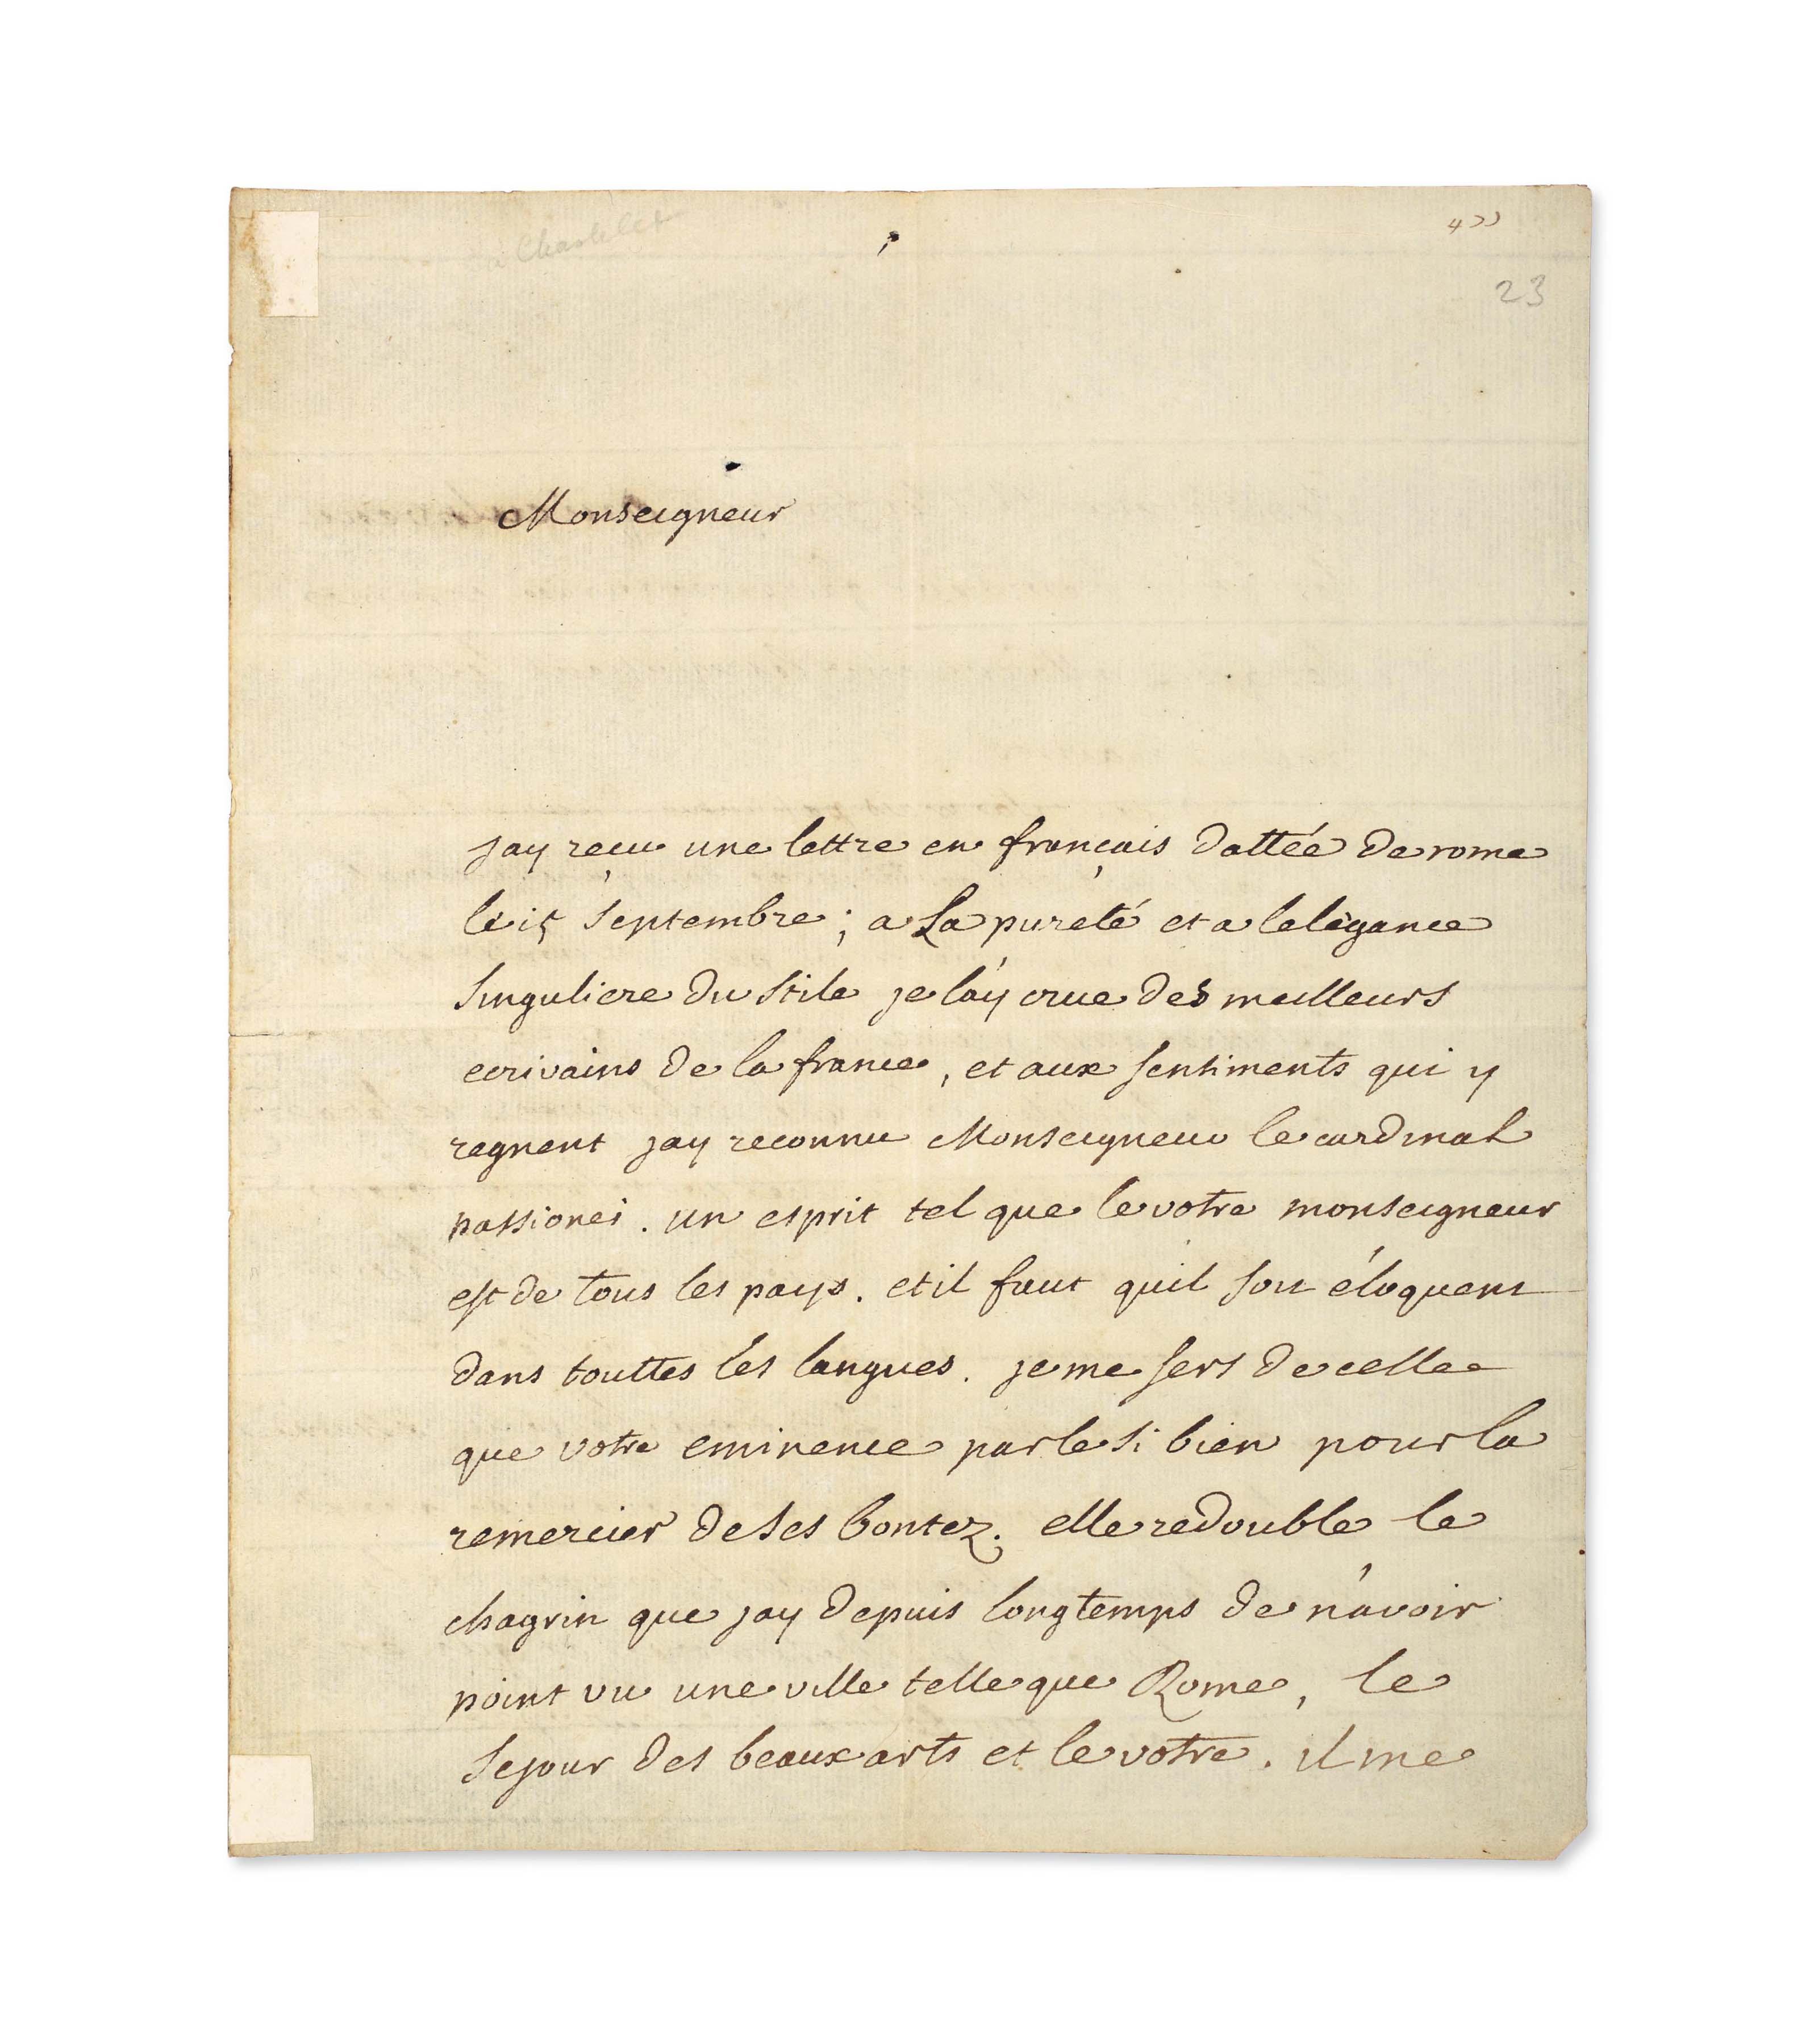 """VOLTAIRE, François-Marie Arouet dit (1694-1775). Lettre autographe signée """"Voltaire"""" au cardinal Passionei (1682-1761), bibliothécaire du Vatican, située et datée """"Fontainebleau 12 octobre 1745"""". 4 pages in-4 (228 x 185 mm) sur un double feuillet. Encre brune sur papier. (Papier légèrement jauni, traces de montage). Provenance: ancienne collection Tronc-Jeanson."""